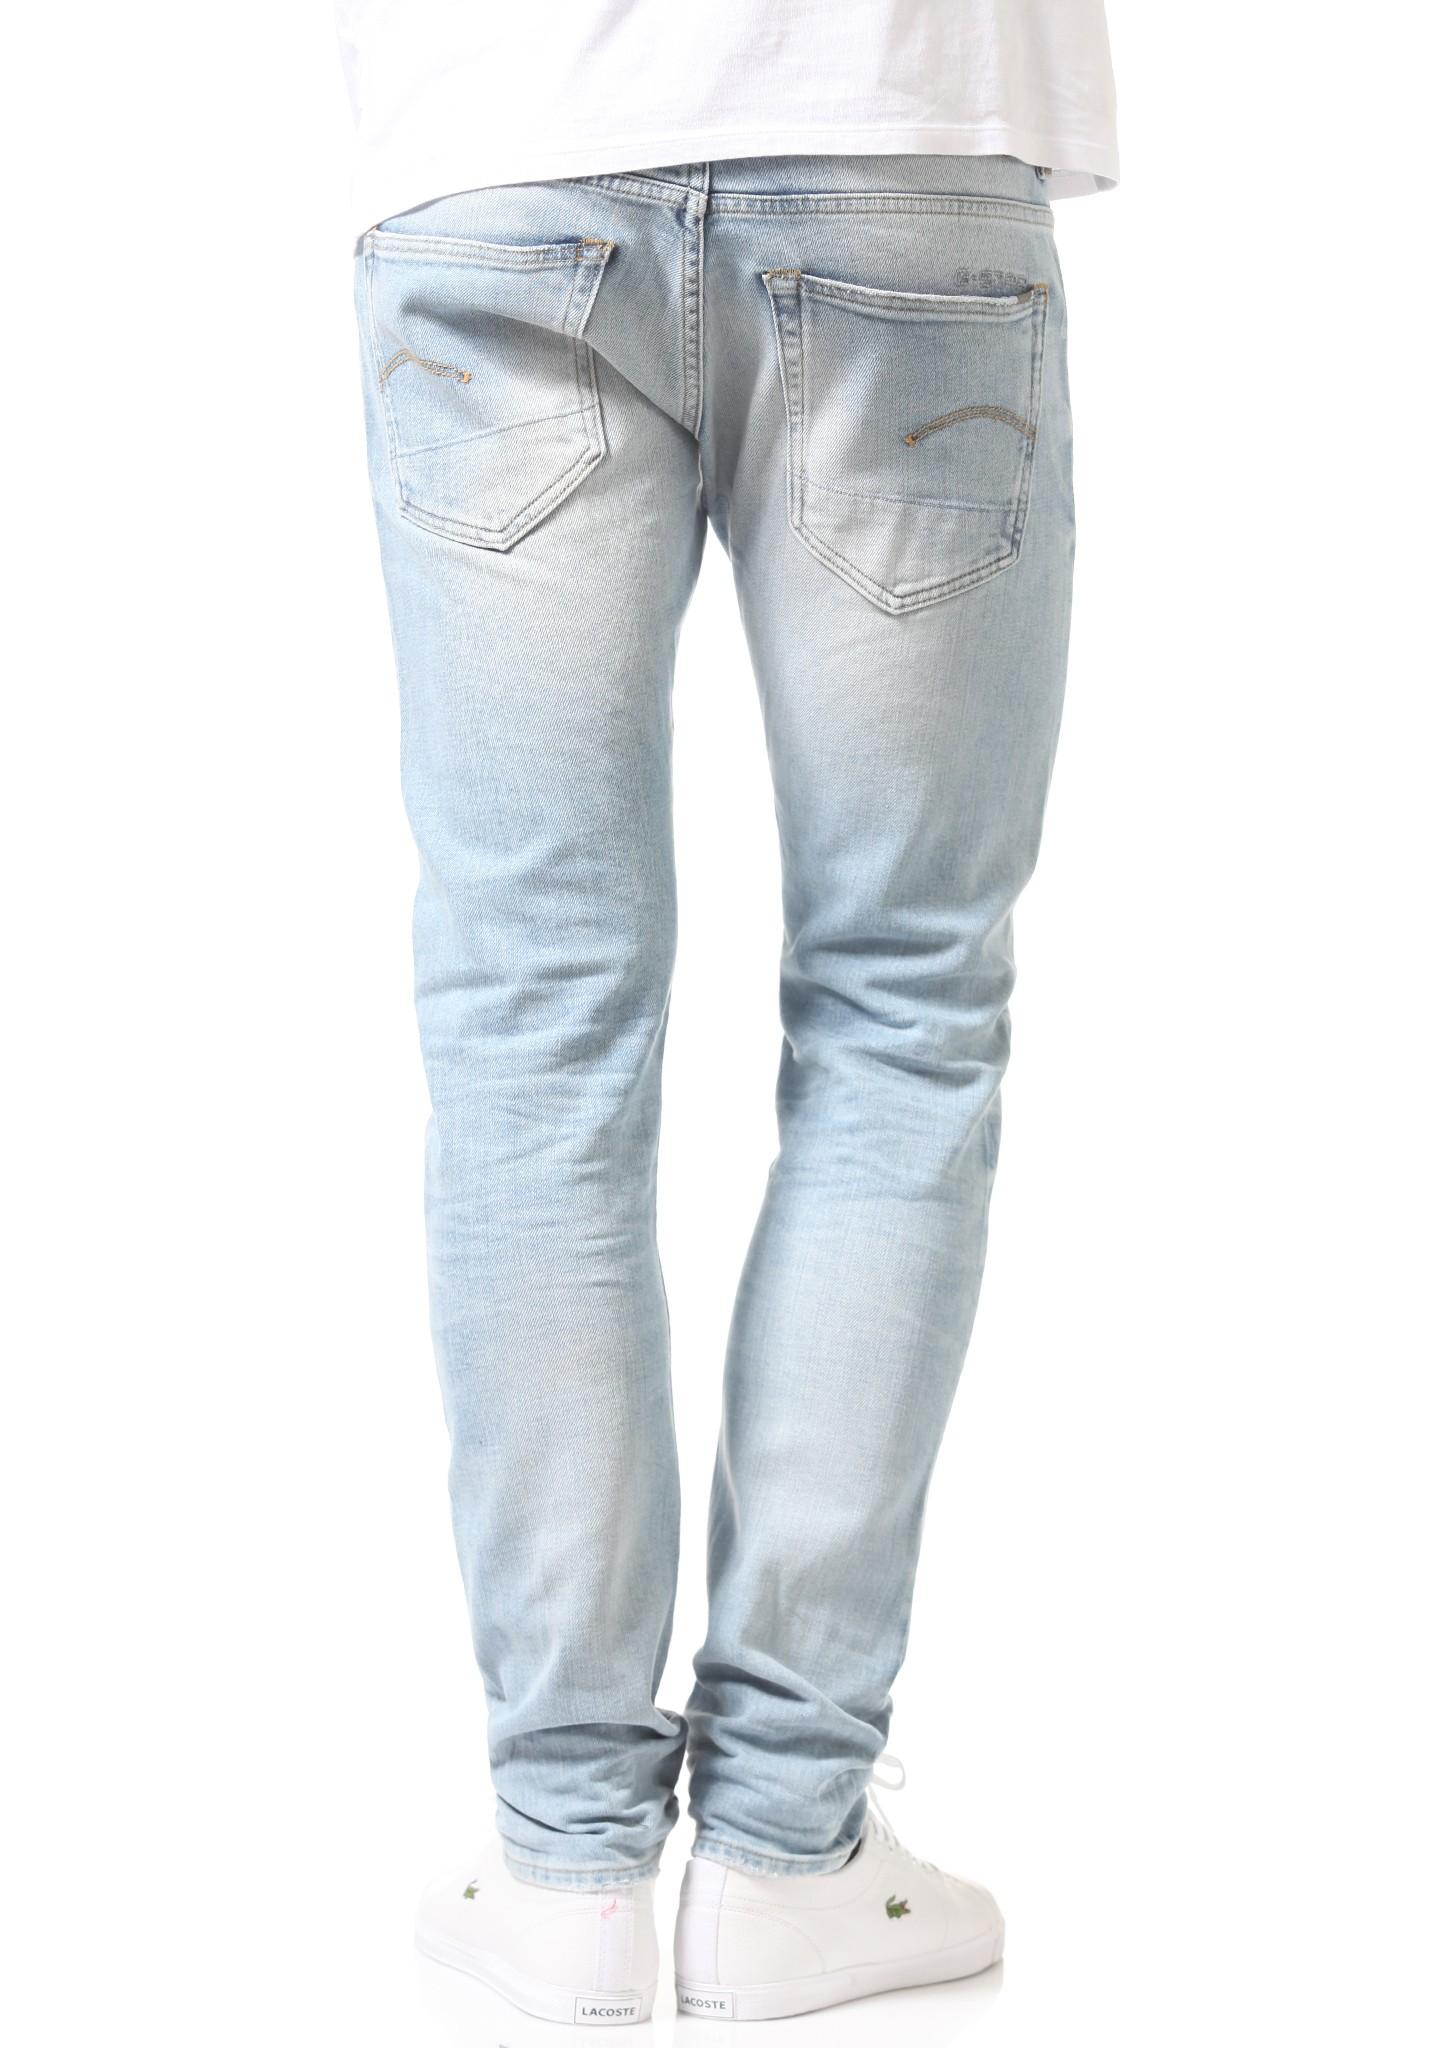 neu g star 3301 slim nippon stretch herren jeans hose ebay. Black Bedroom Furniture Sets. Home Design Ideas